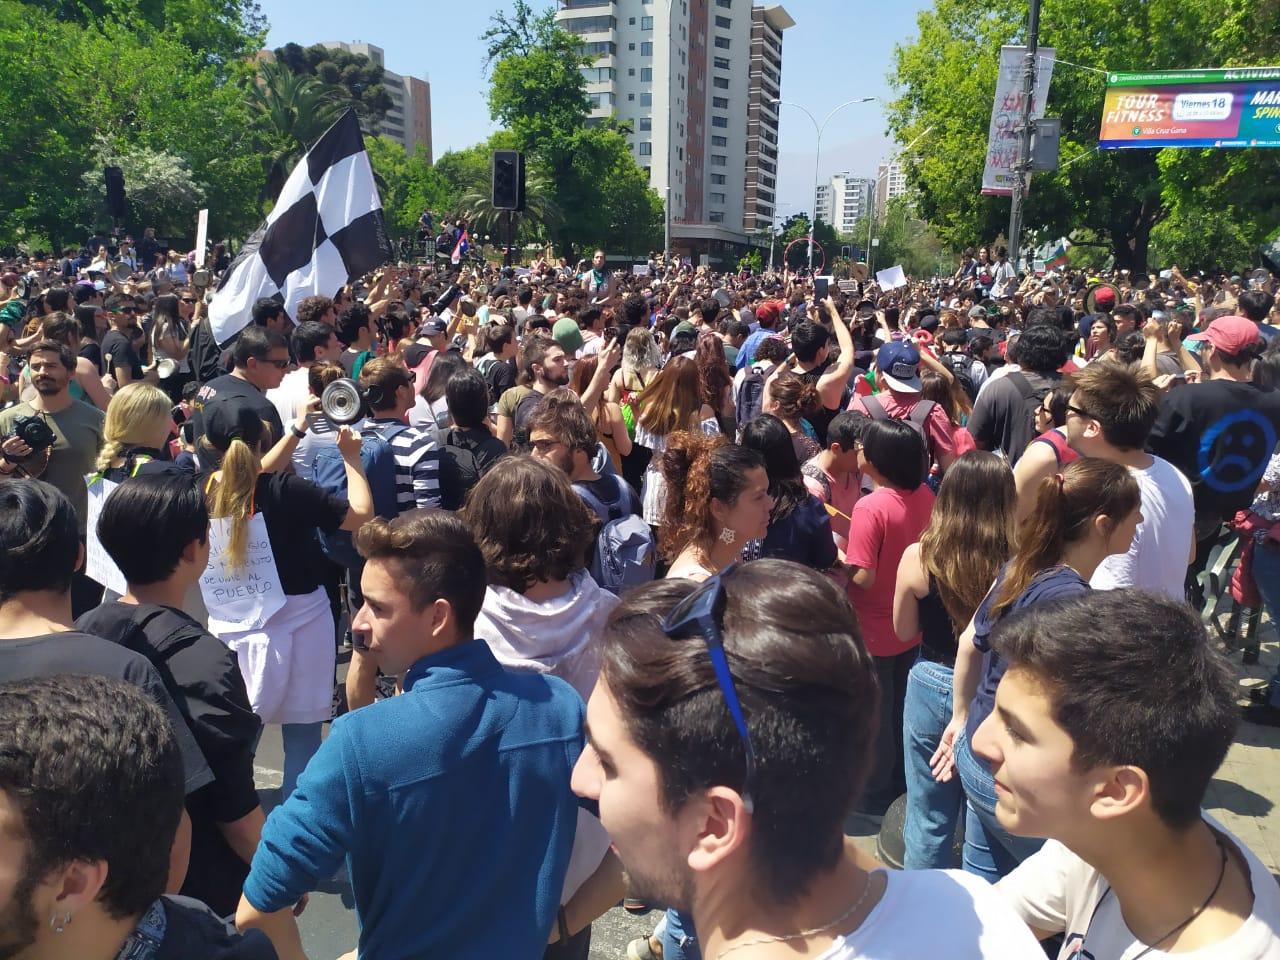 La imagen cuenta cuántas personas estuvieron en la manifestación